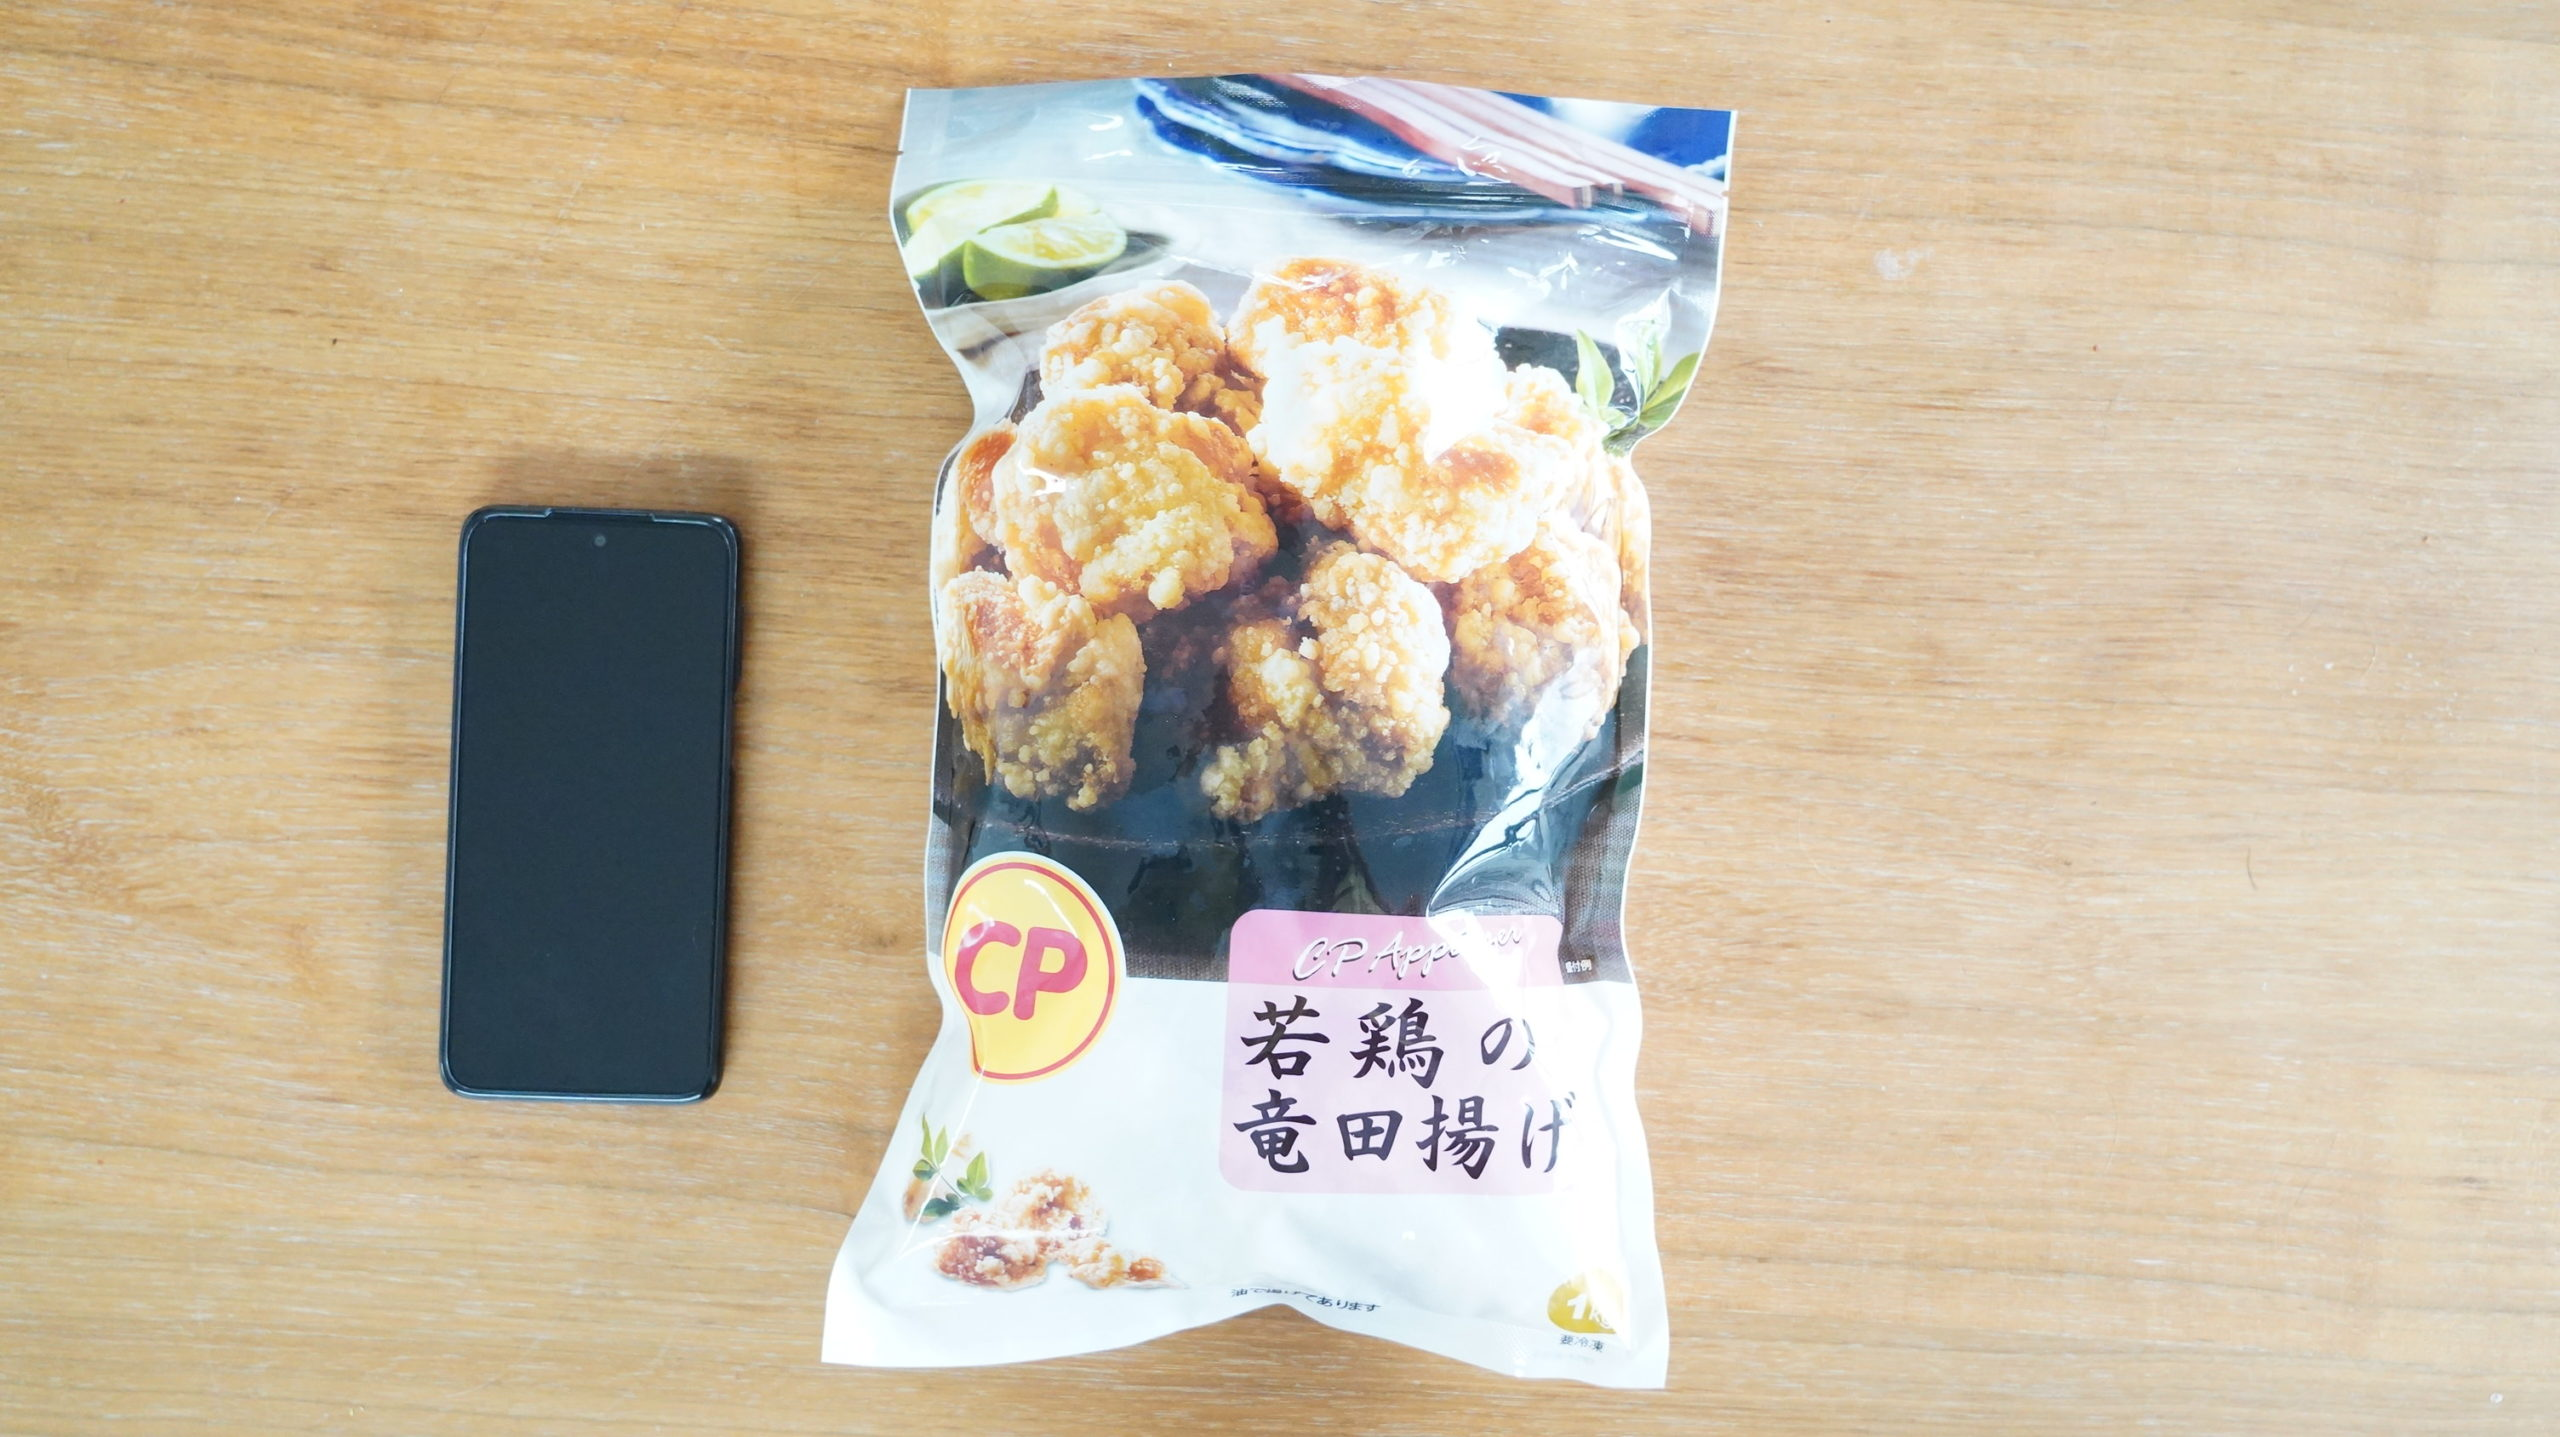 コストコの冷凍食品「CP 若鶏の竜田揚げ」とスマホを比較した写真